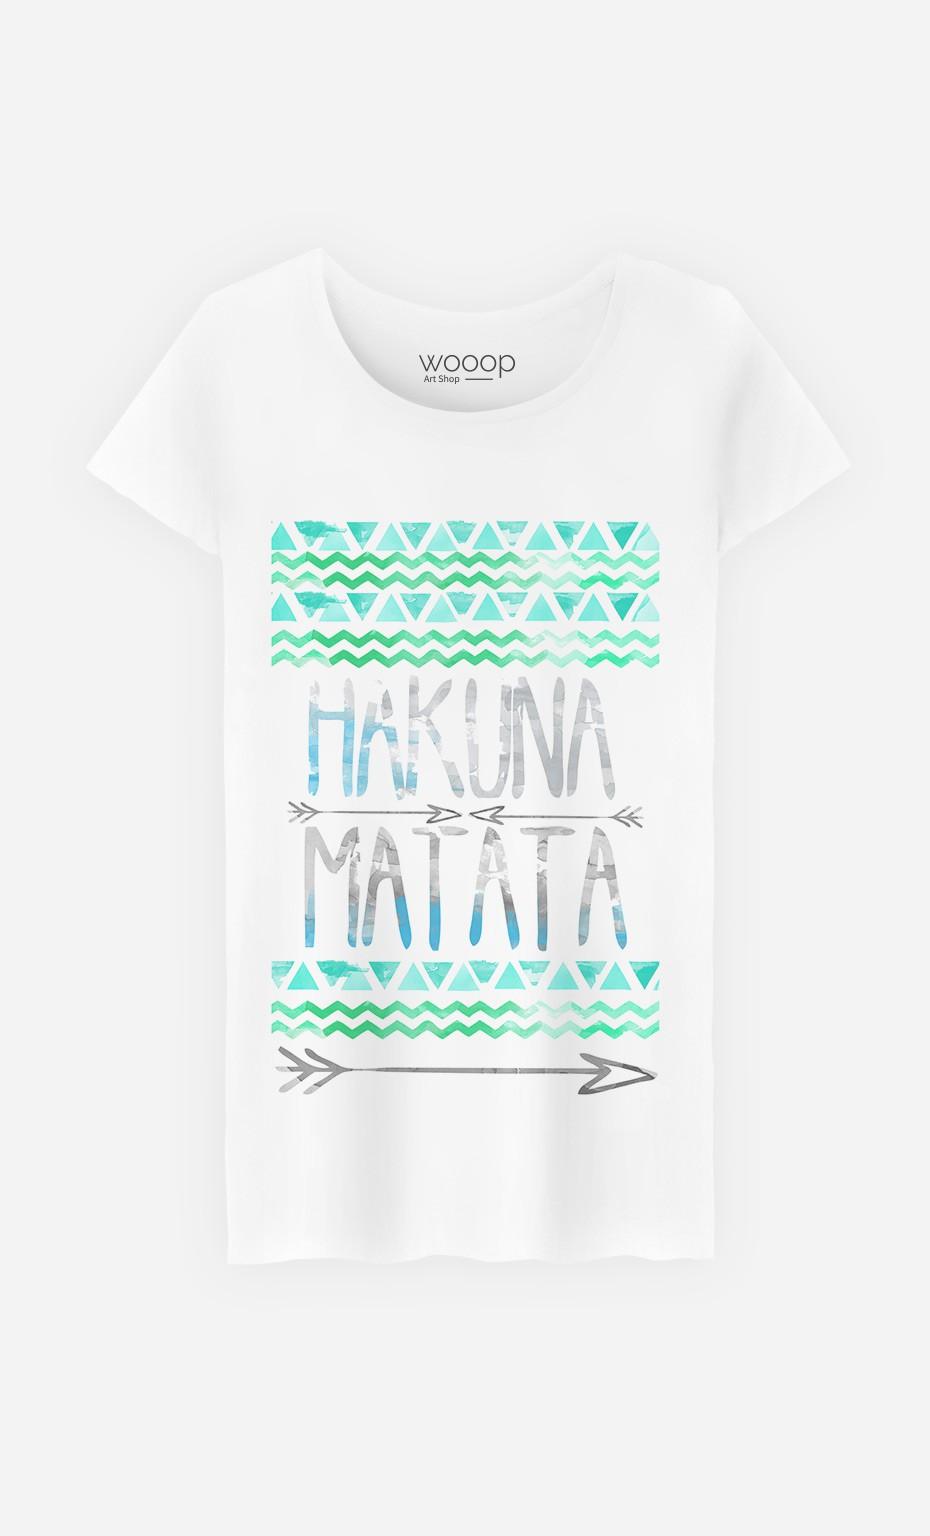 555d40d7 T-Shirt Hakuna Matata - Art Shop - Wooop.com